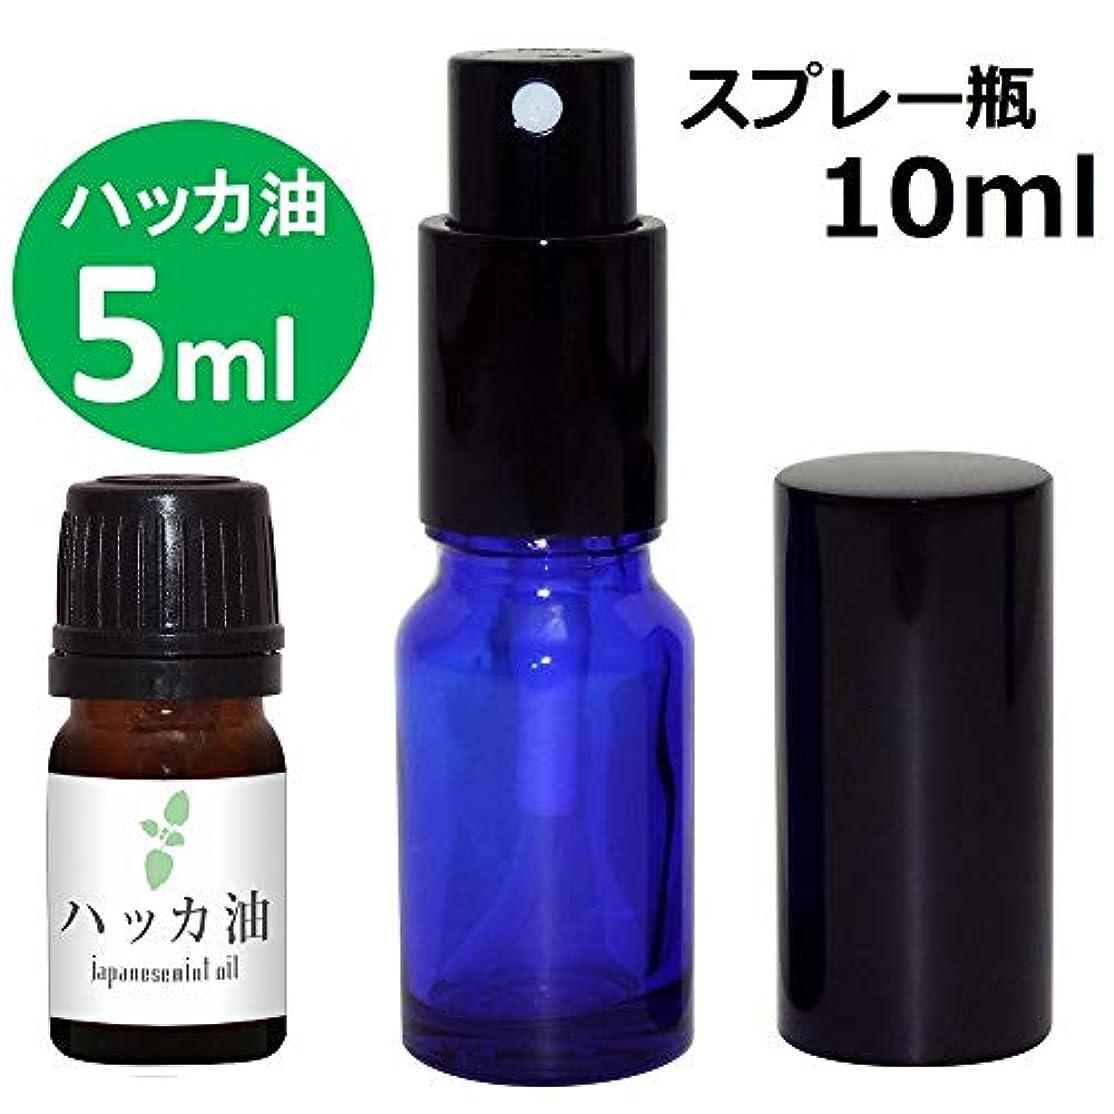 美しい罹患率あえぎガレージ?ゼロ ハッカ油 5ml(GZAK11)+ガラス瓶 スプレーボトル10ml/和種薄荷/ジャパニーズミント GSE532